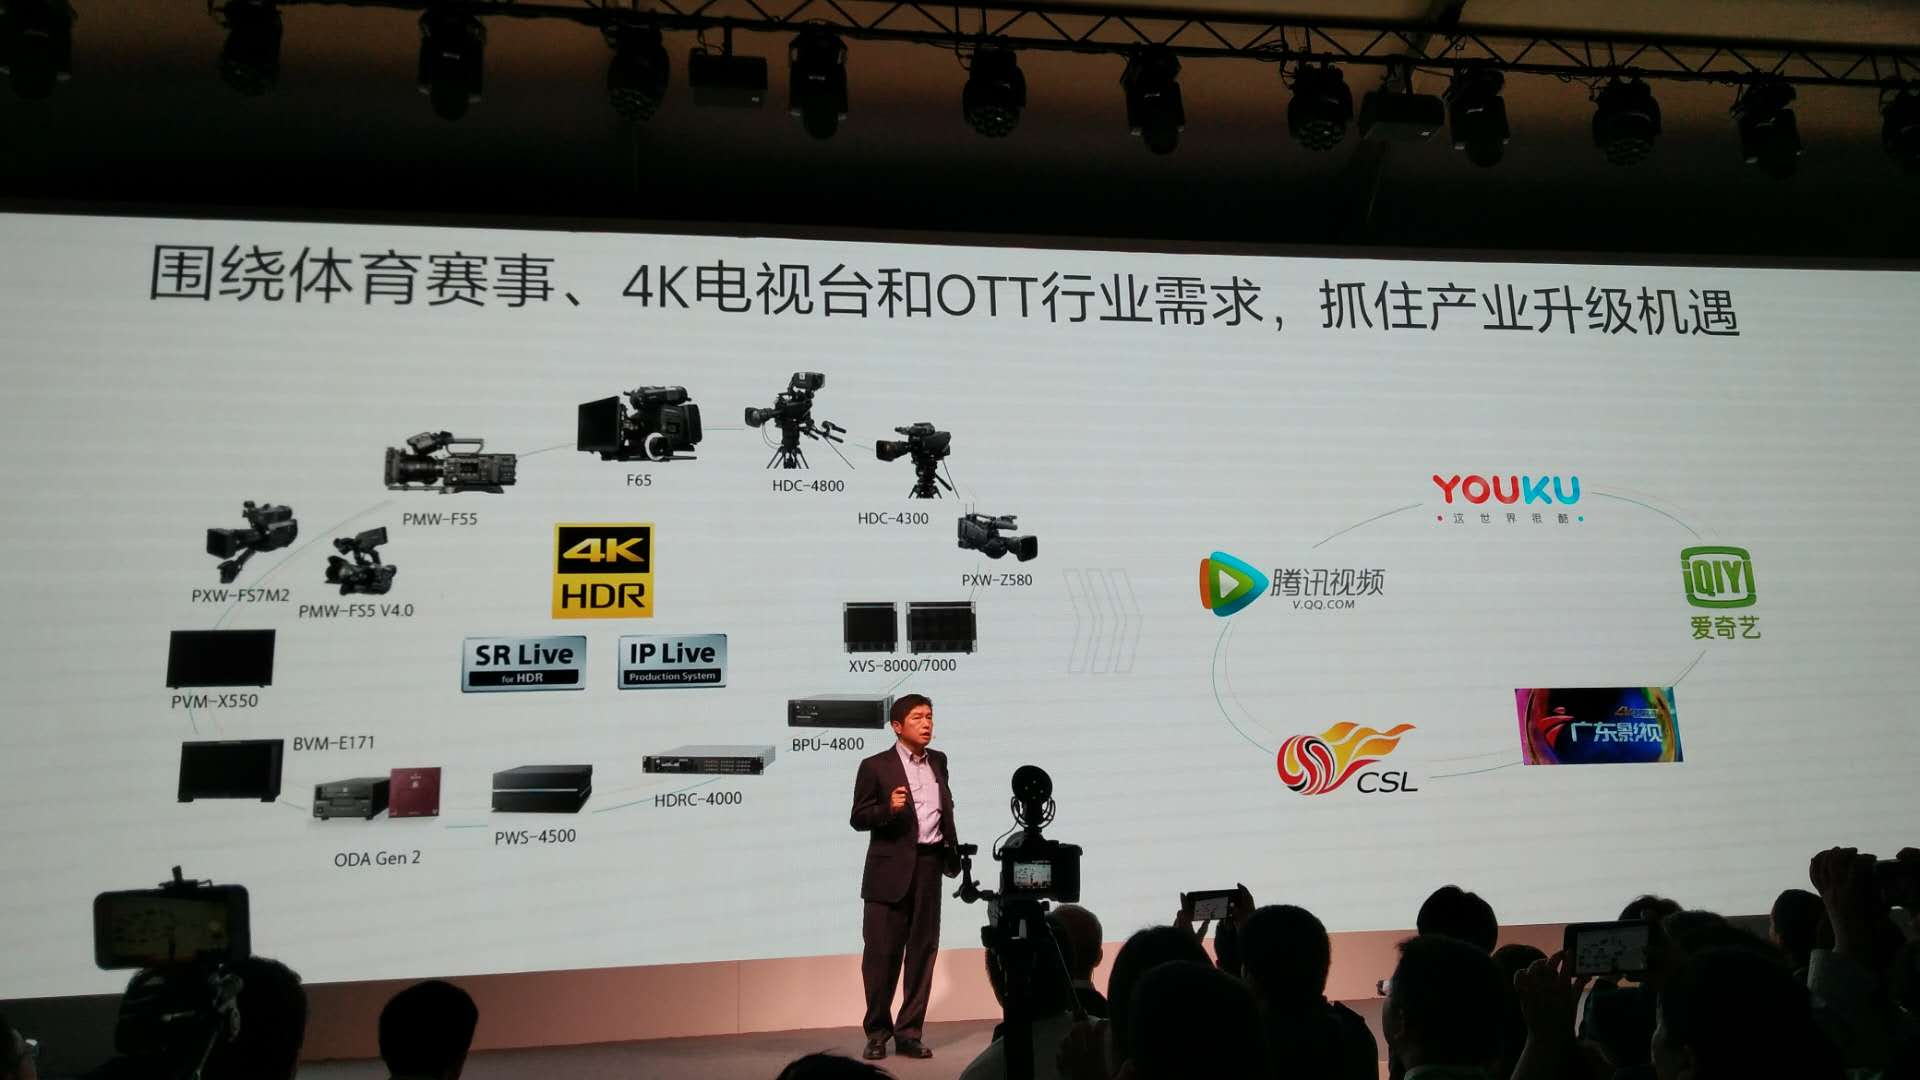 索尼高桥洋:用产品组合推OLED电视 为8K做好准备但不冒进